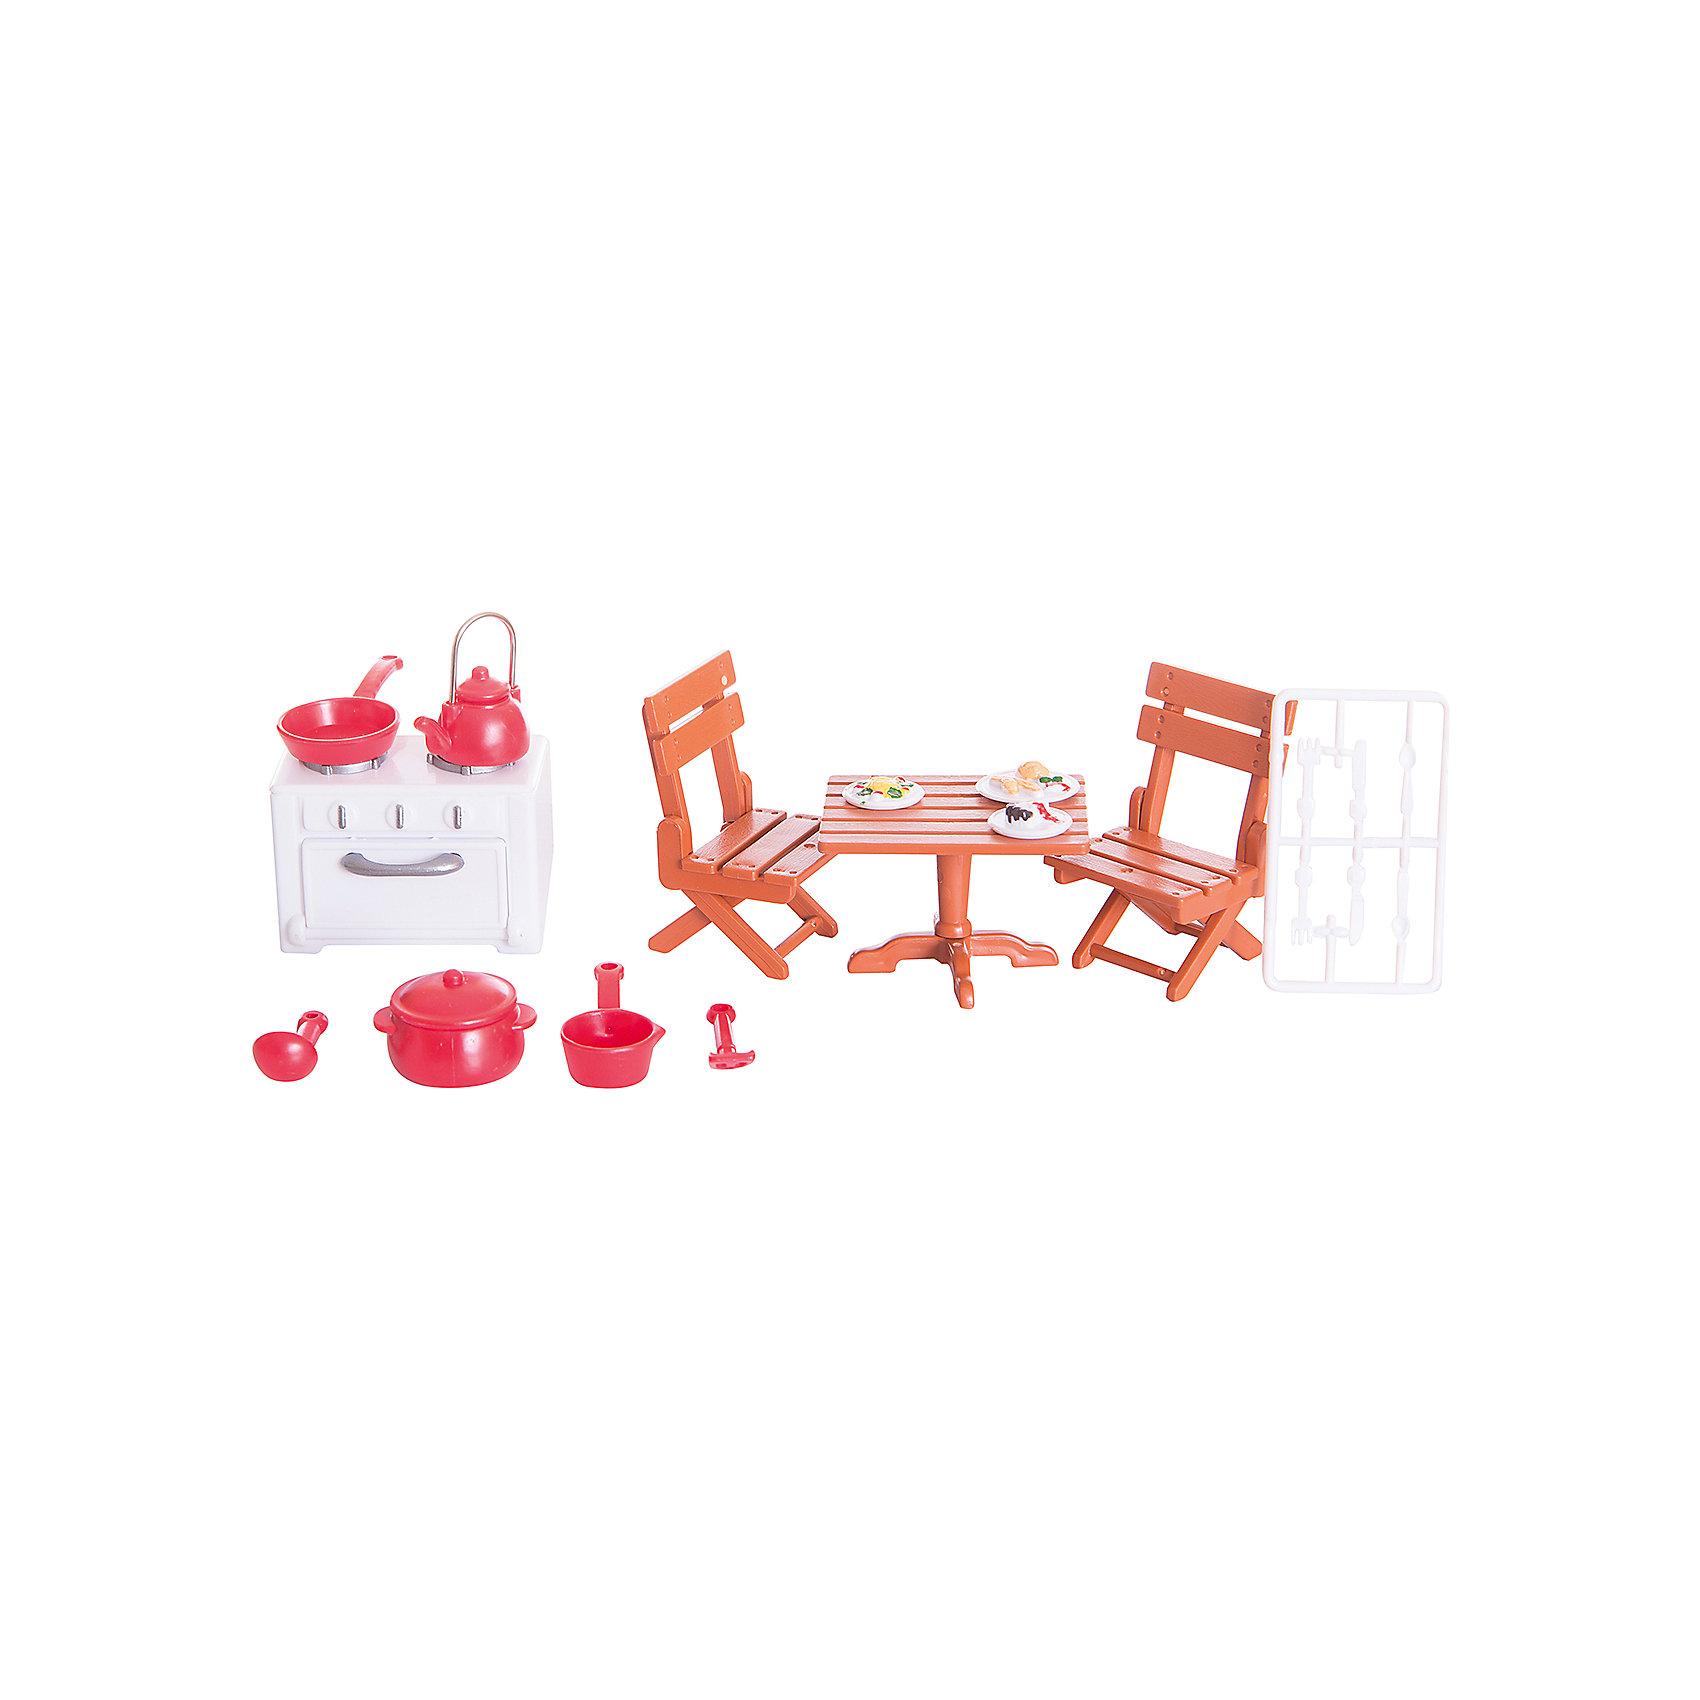 - Набор мебели для гостиной № 2, с аксессурами, Счастливые друзья, ABtoys для гостиной